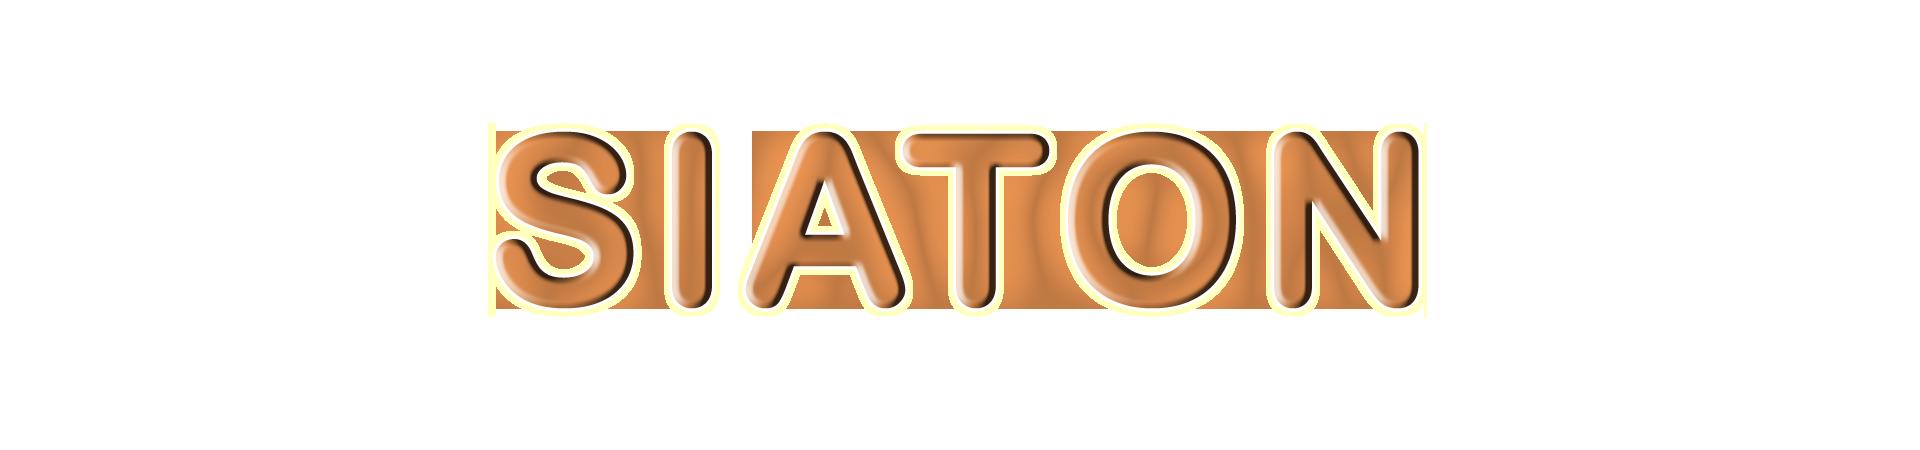 Siaton - Negros Oriental